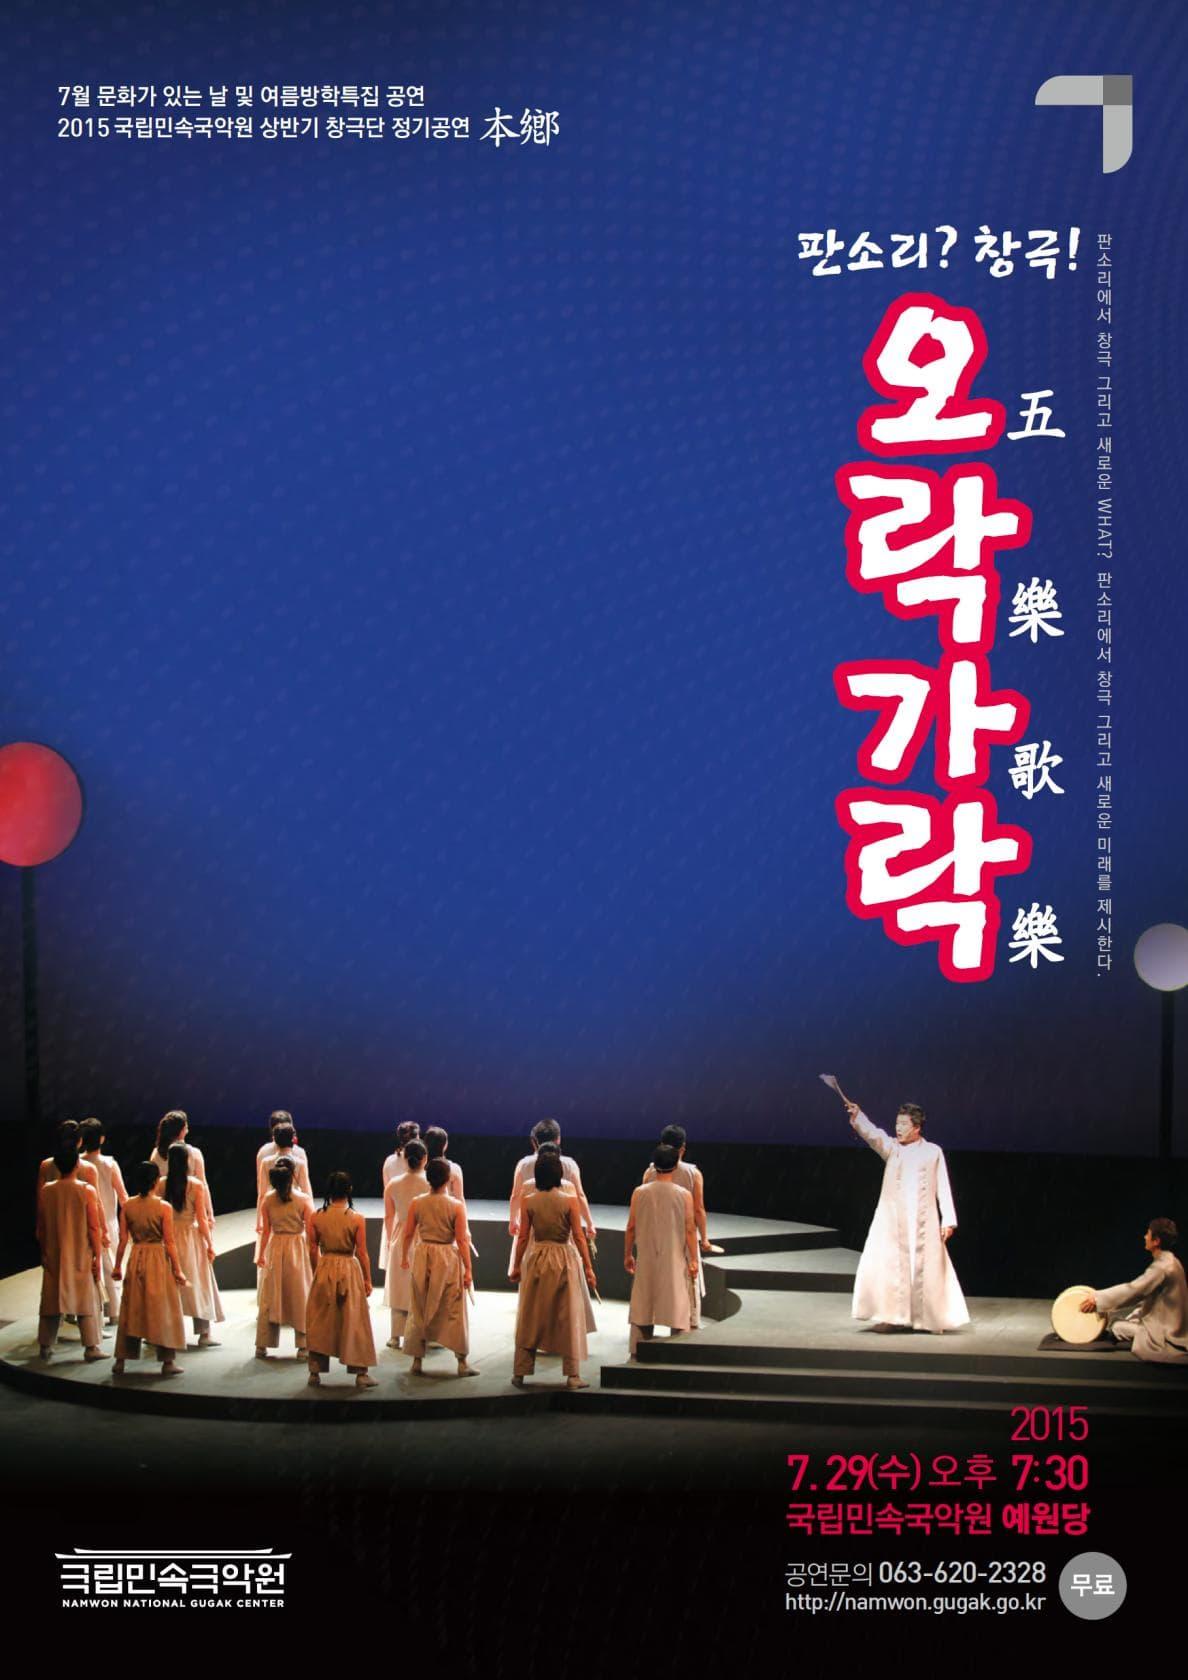 7월 문화가 있는날 및 2015 창극단 정기공연 <판소리?창극!오락가락(五樂歌樂)>